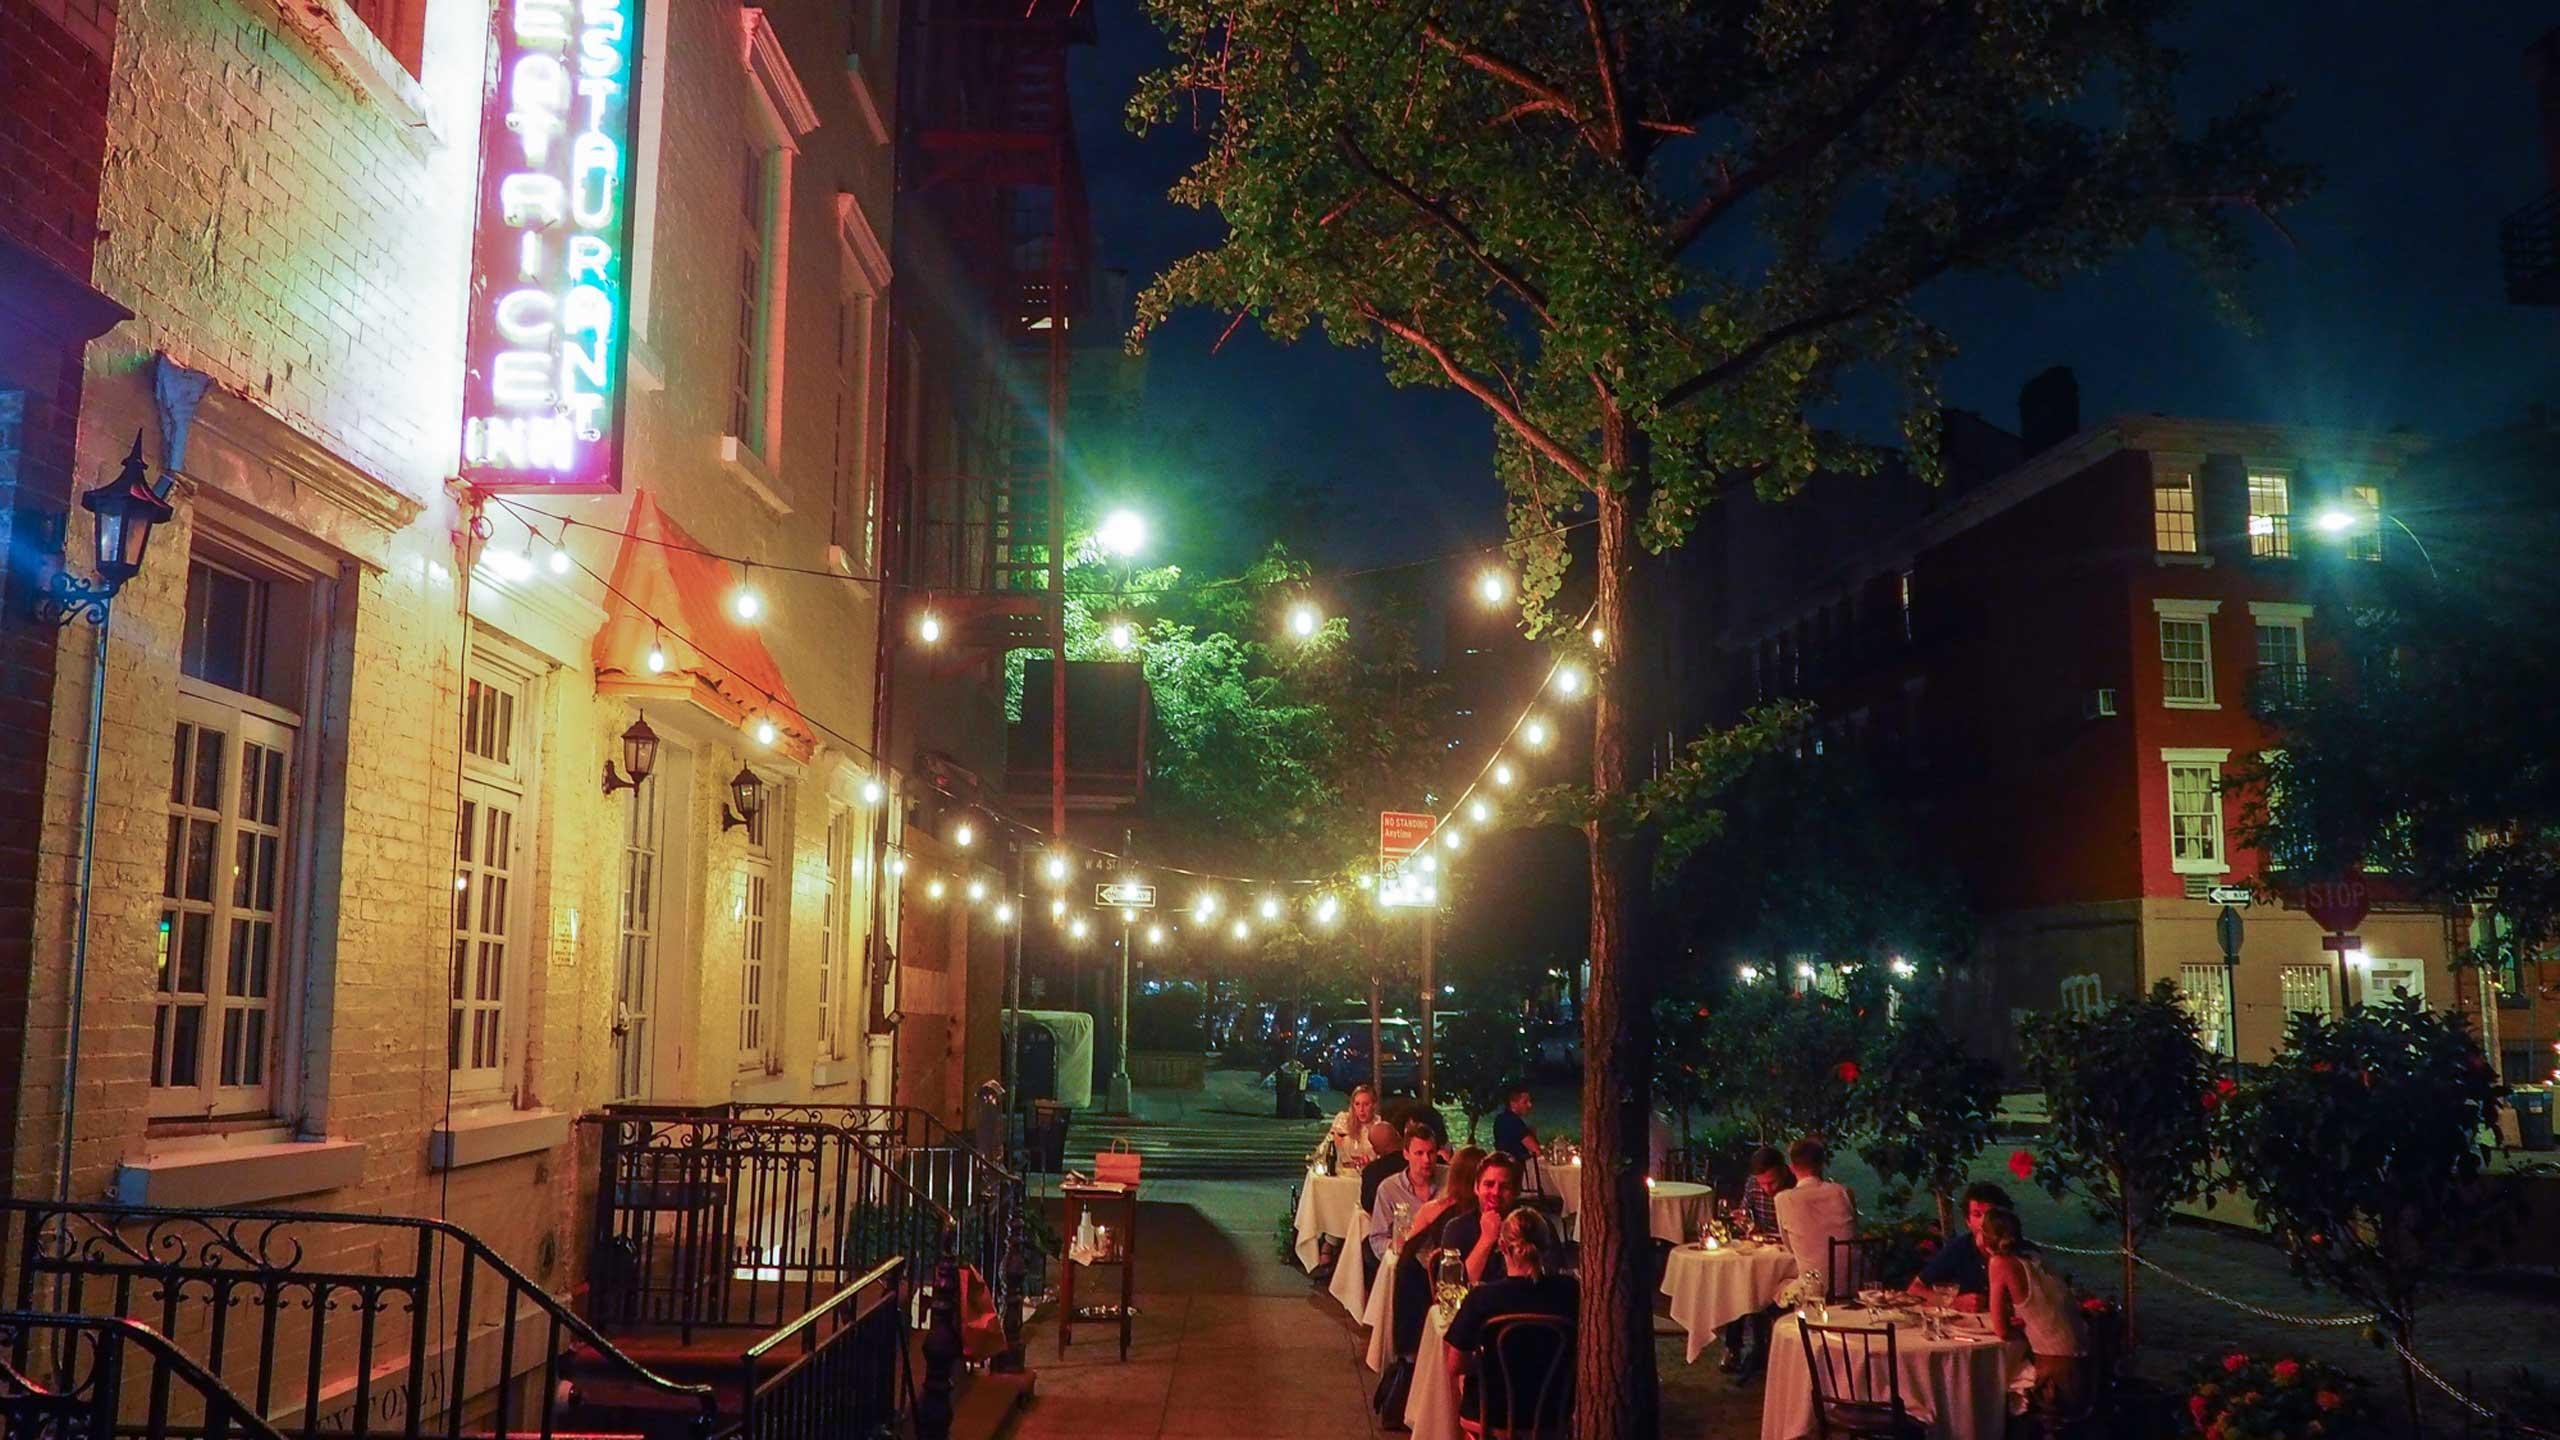 sobrevivir-restaurante-pandemia-nueva-york